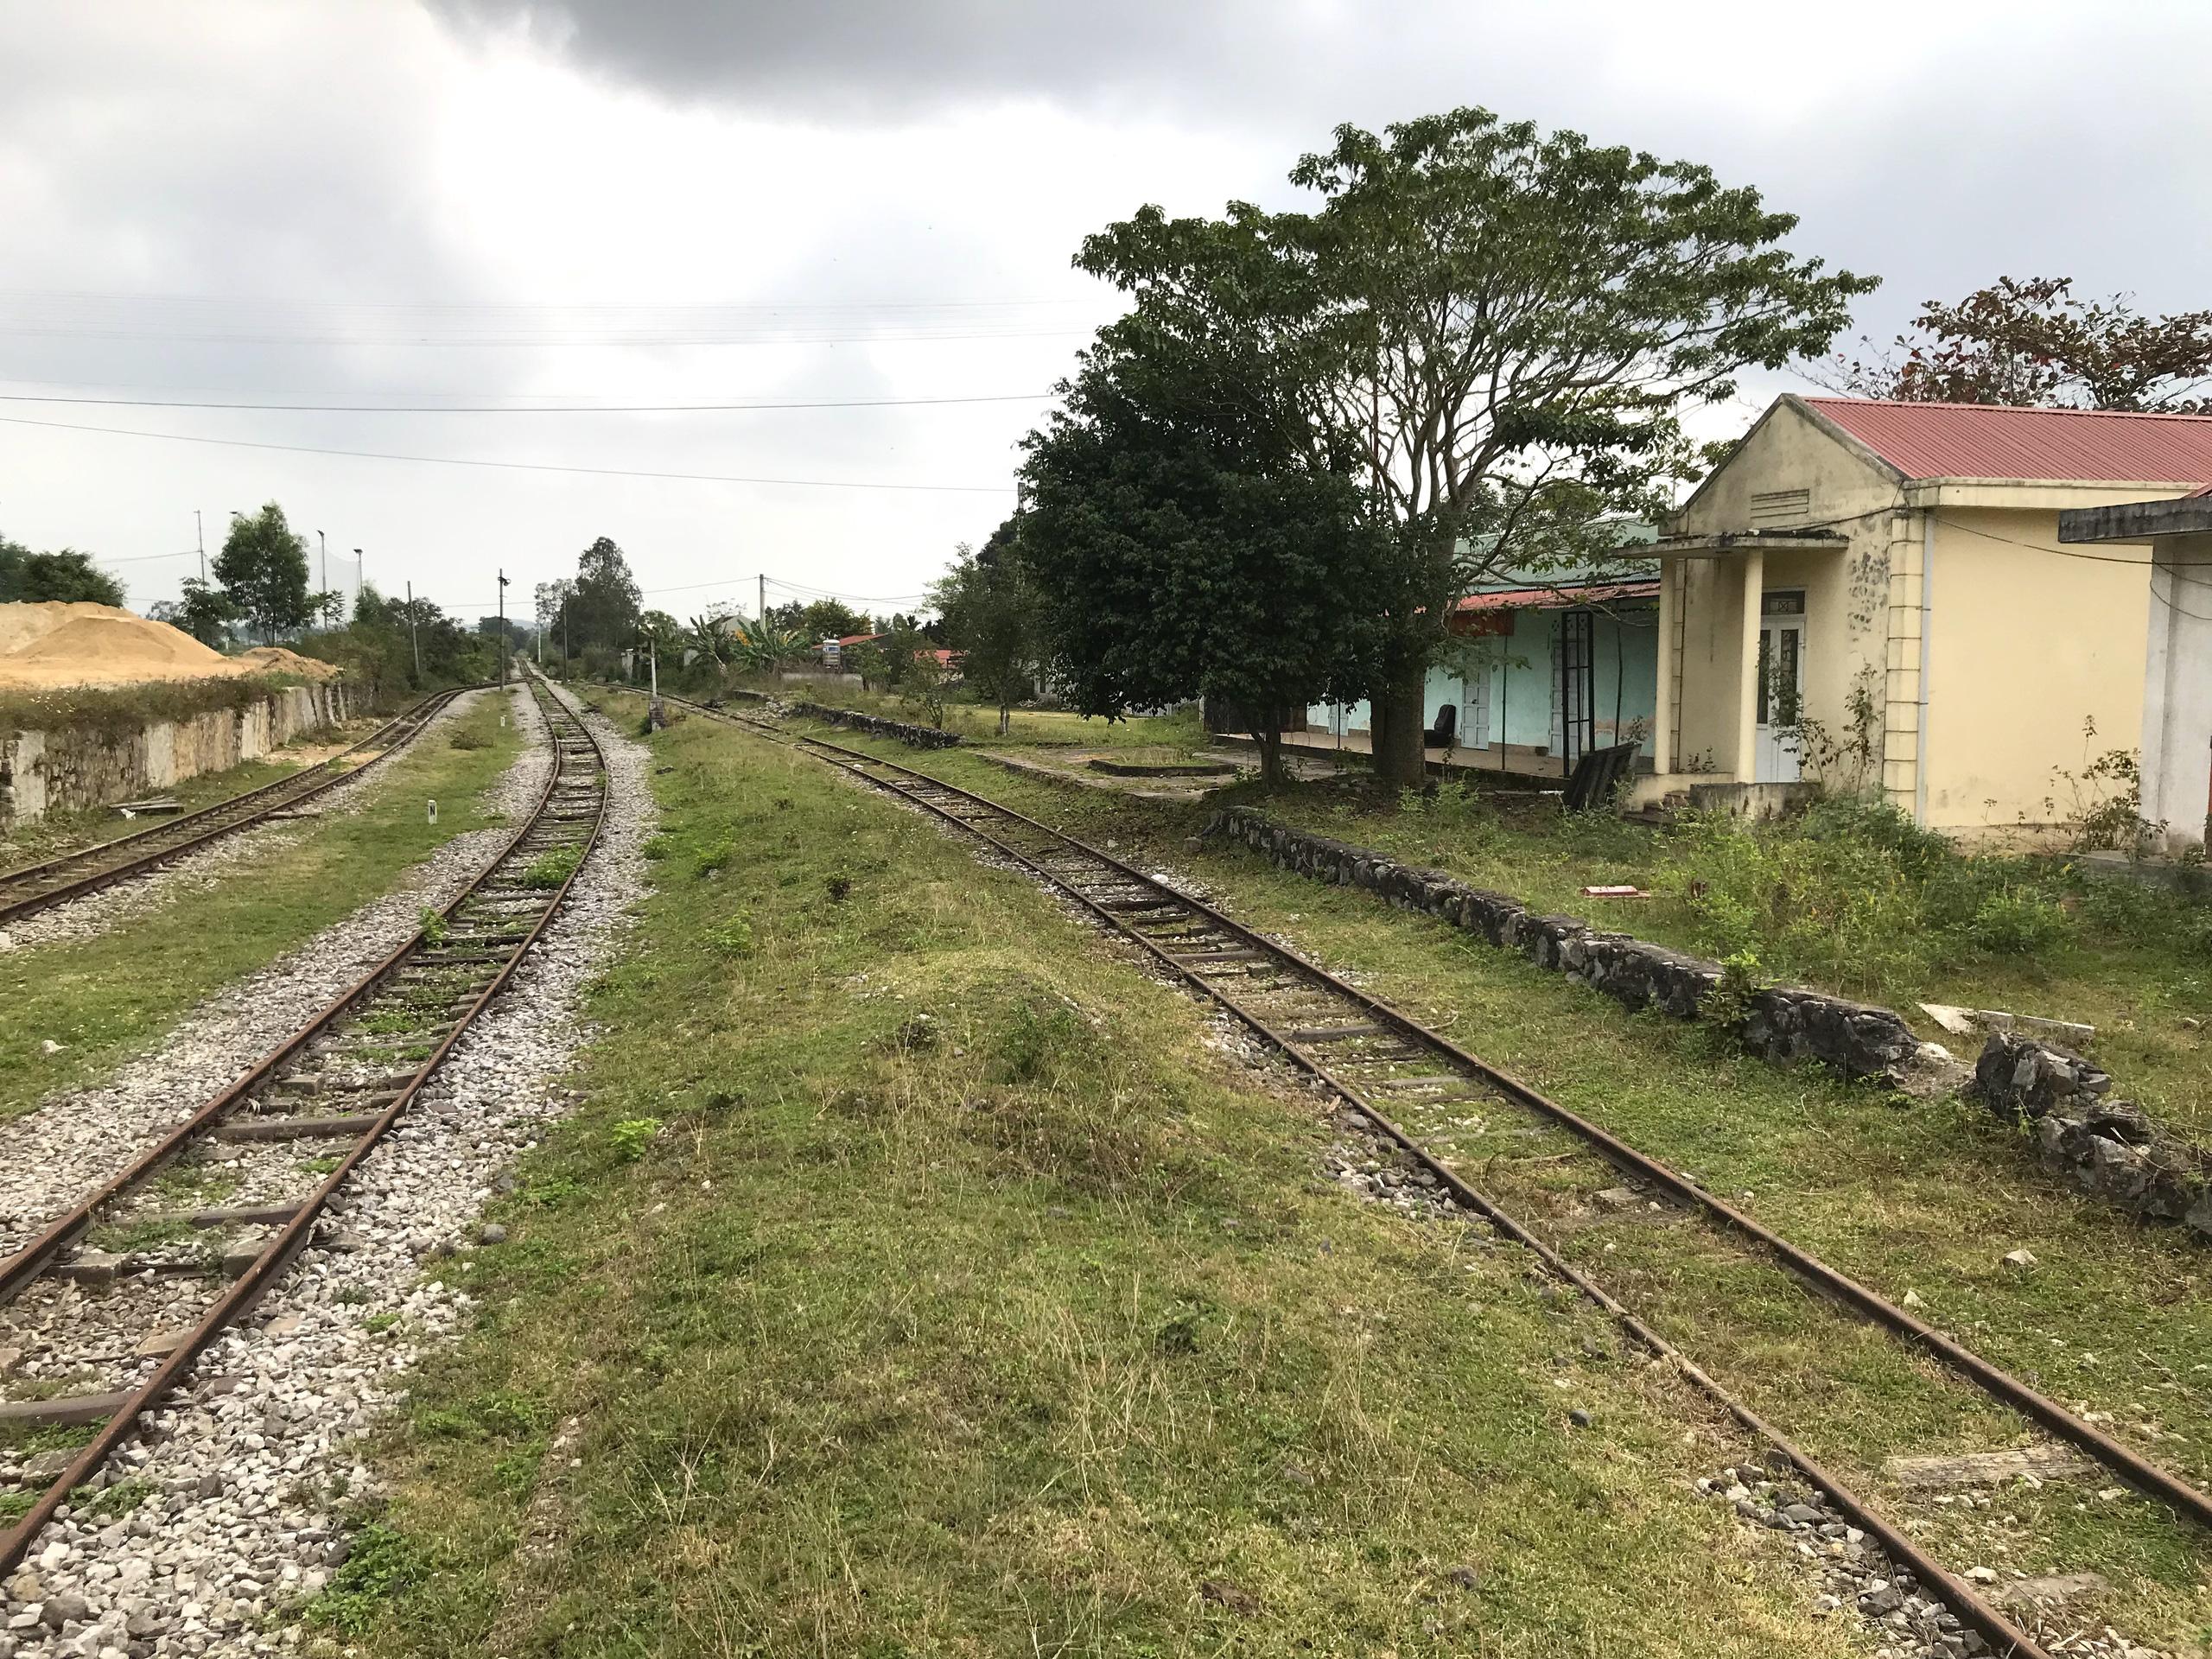 Tuyến đường sắt bị 'bỏ quên' gần thập kỷ không có tàu chạy nhưng vẫn tiêu tốn tiền tỷ bảo vệ - Ảnh 13.